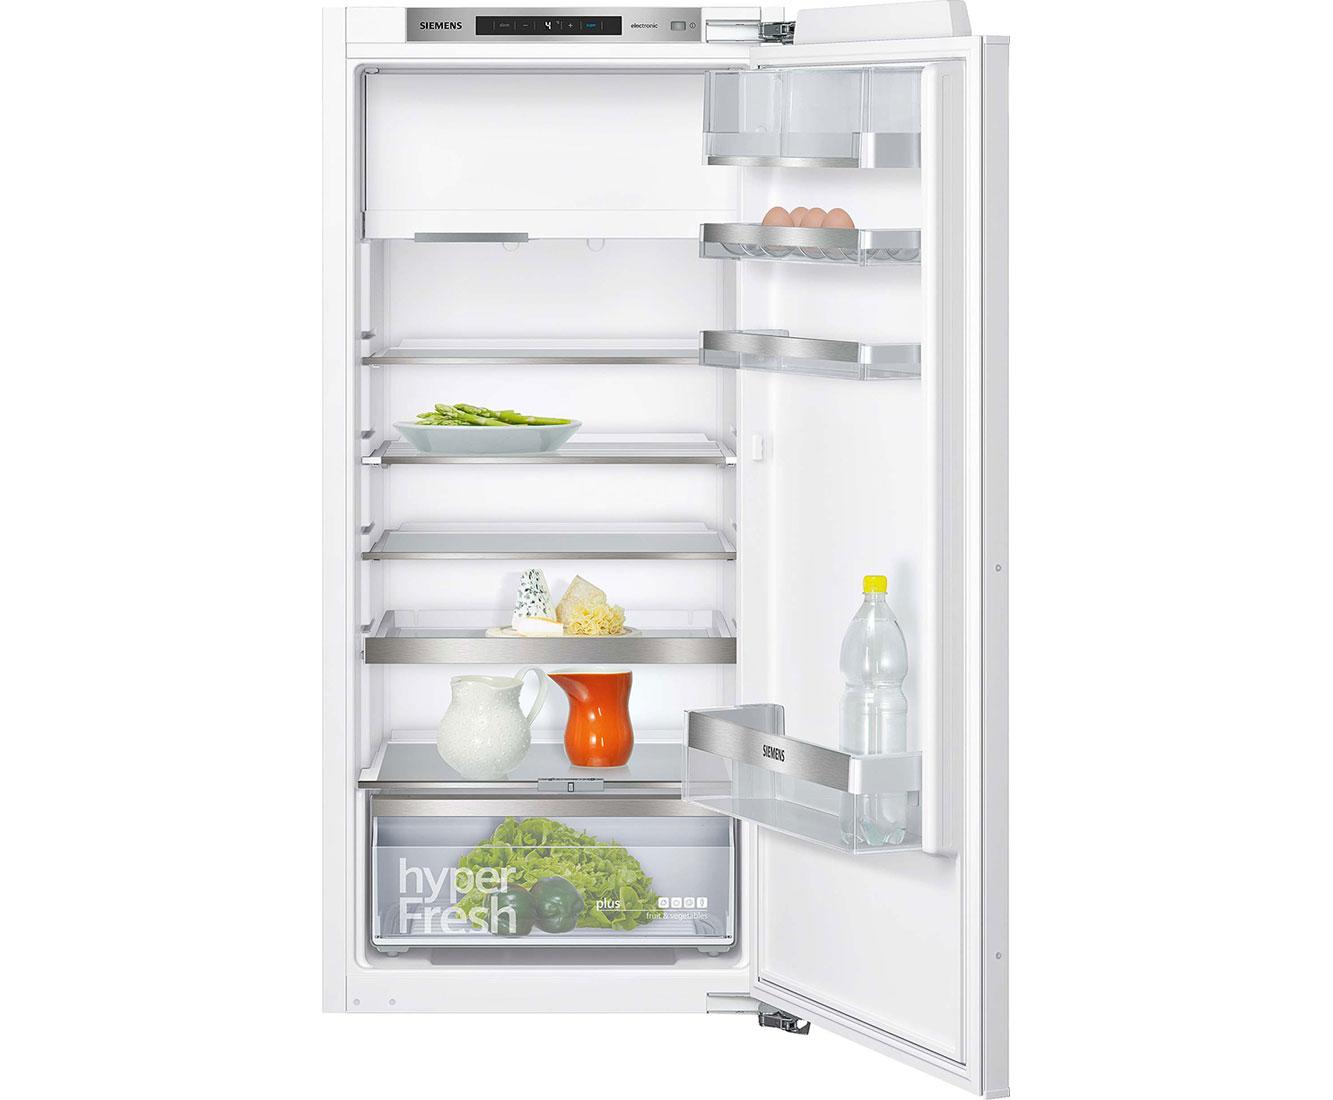 Siemens KI42LAF40 Einbau-Kühlschrank mit Gefrierfach - 122er Nische ...